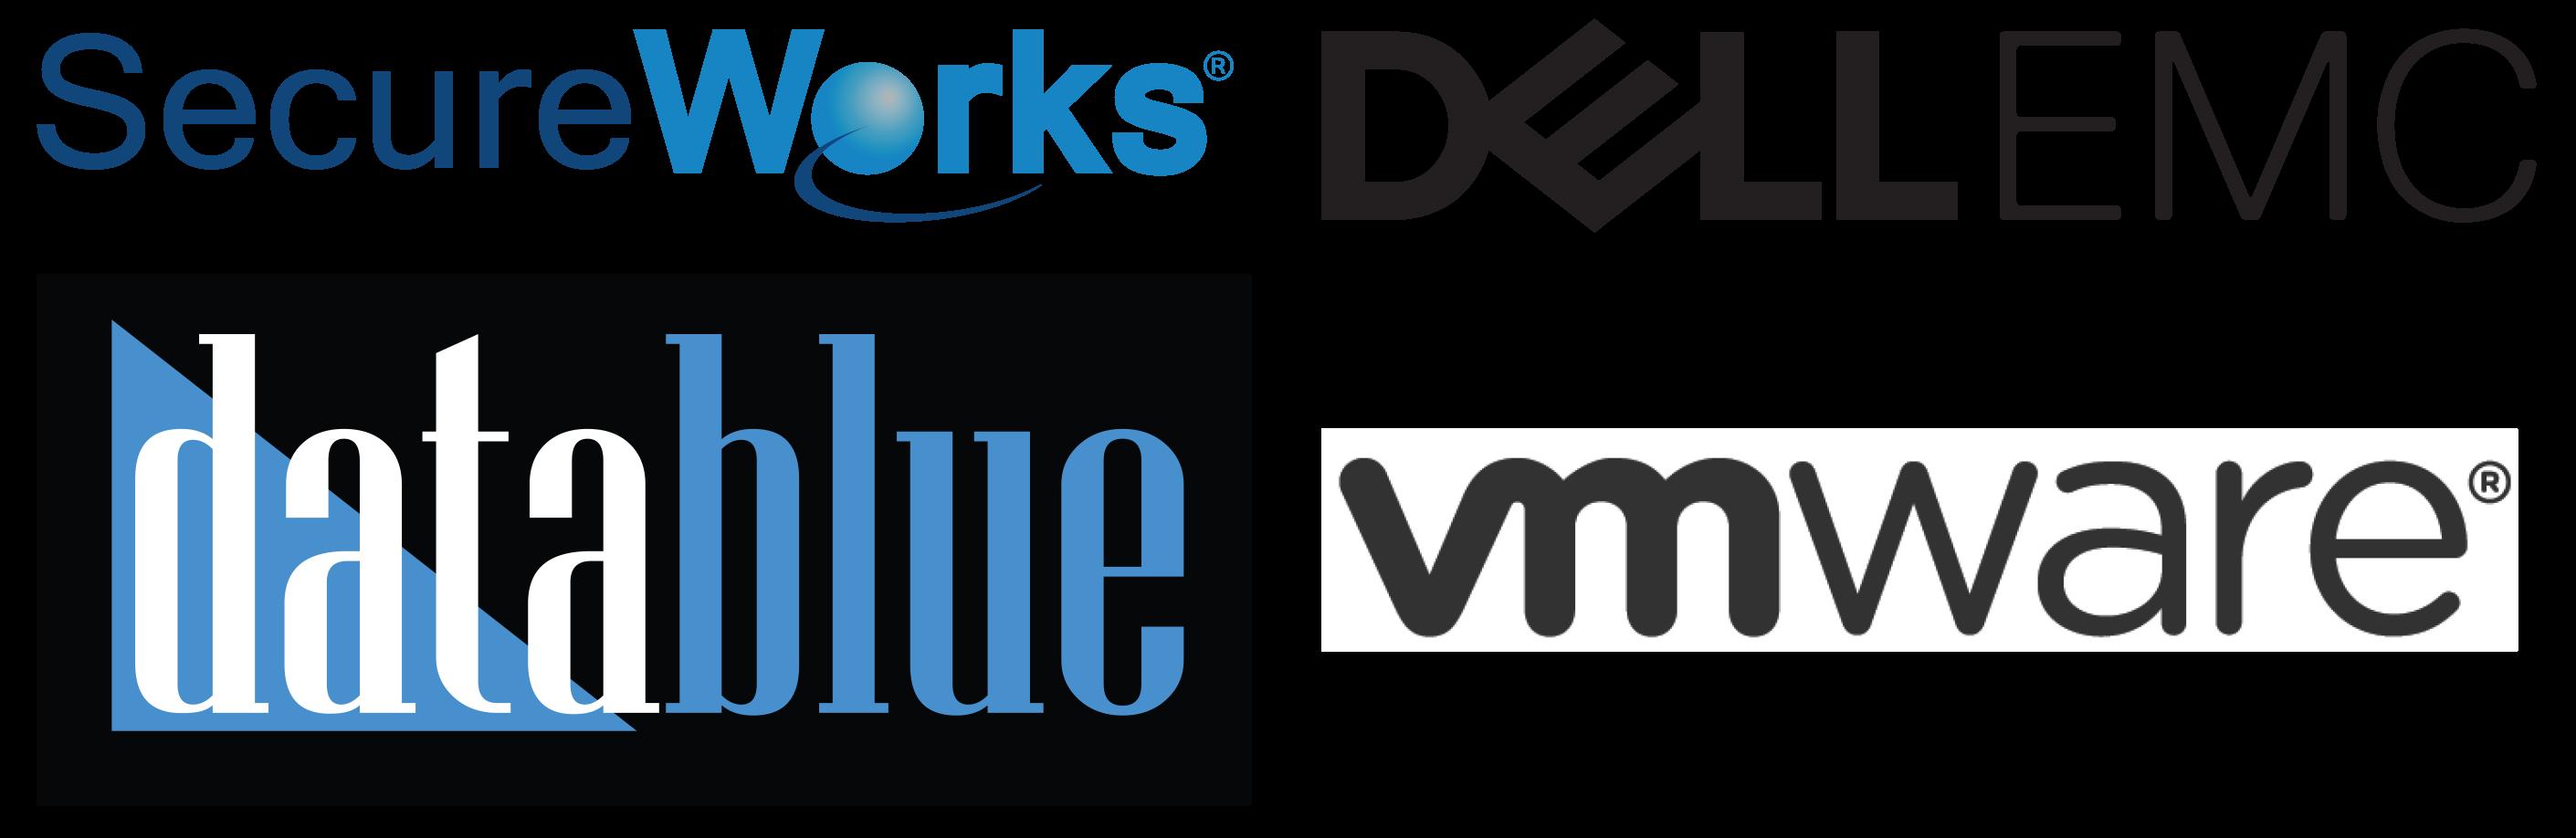 Secure Works DellEMC DataBlue VMWare Logo